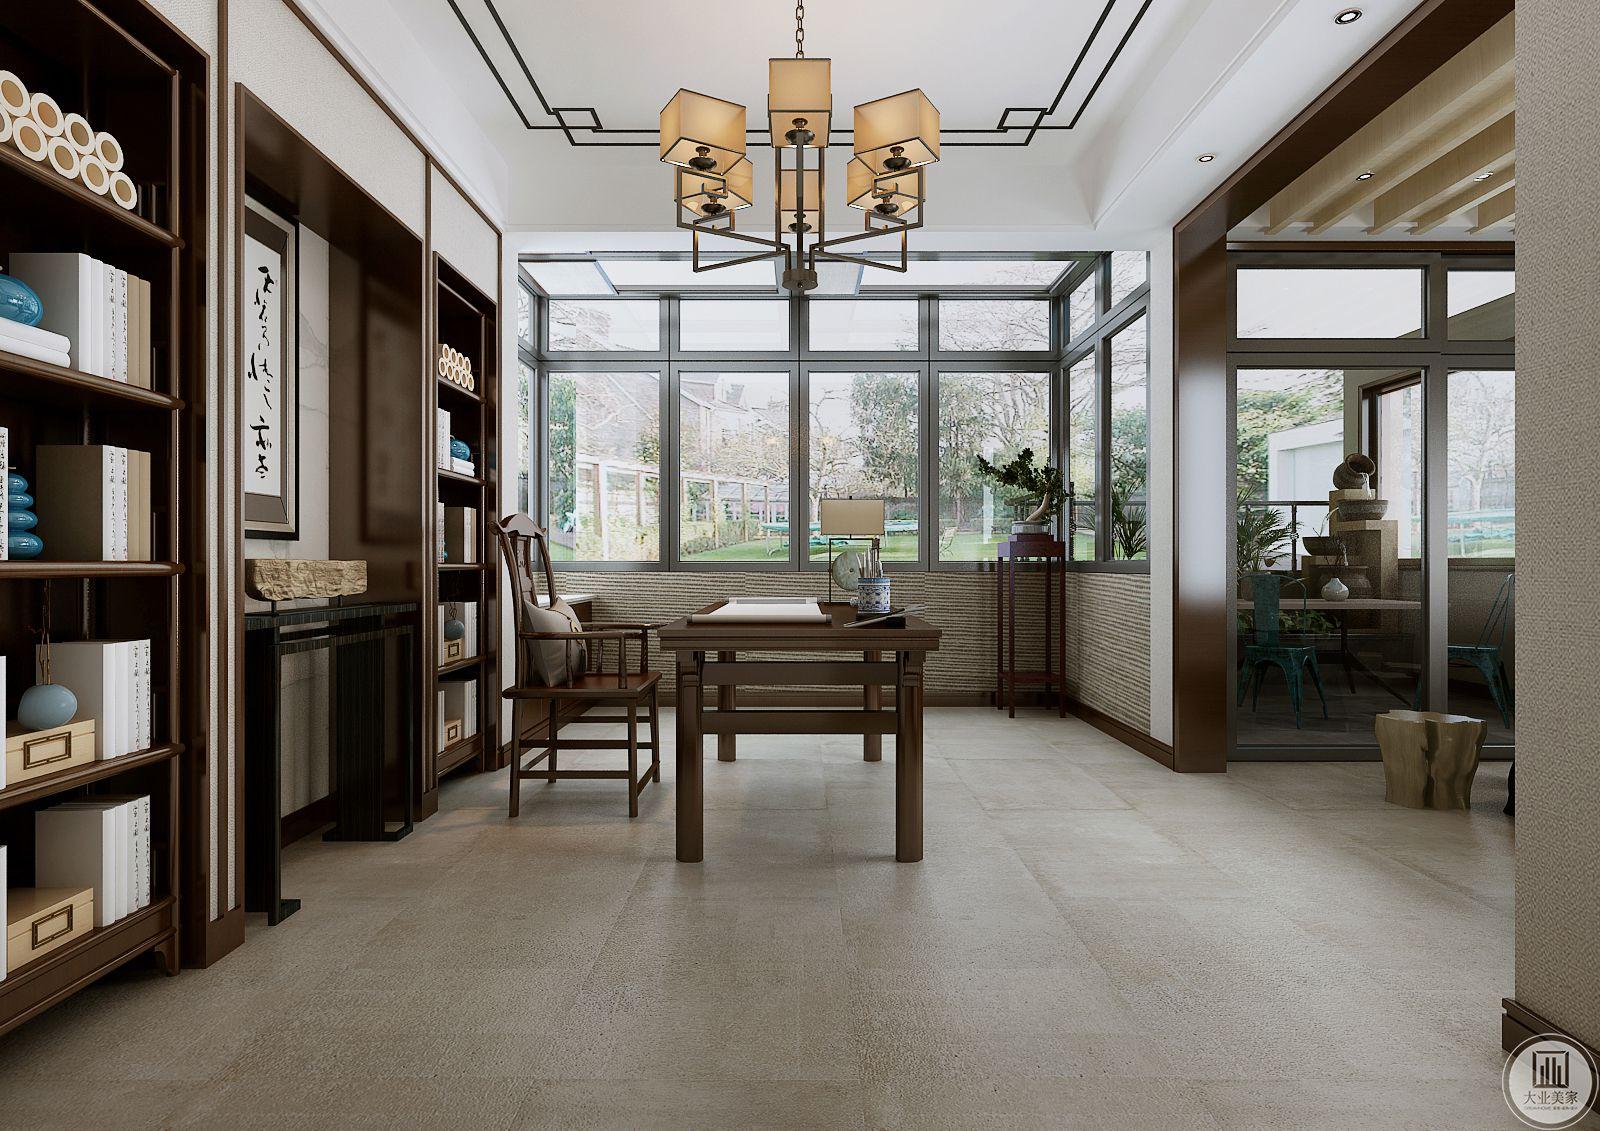 书房地面采用花纹砖,书桌书柜都采用深色实木材料,一侧的阳台做天窗。